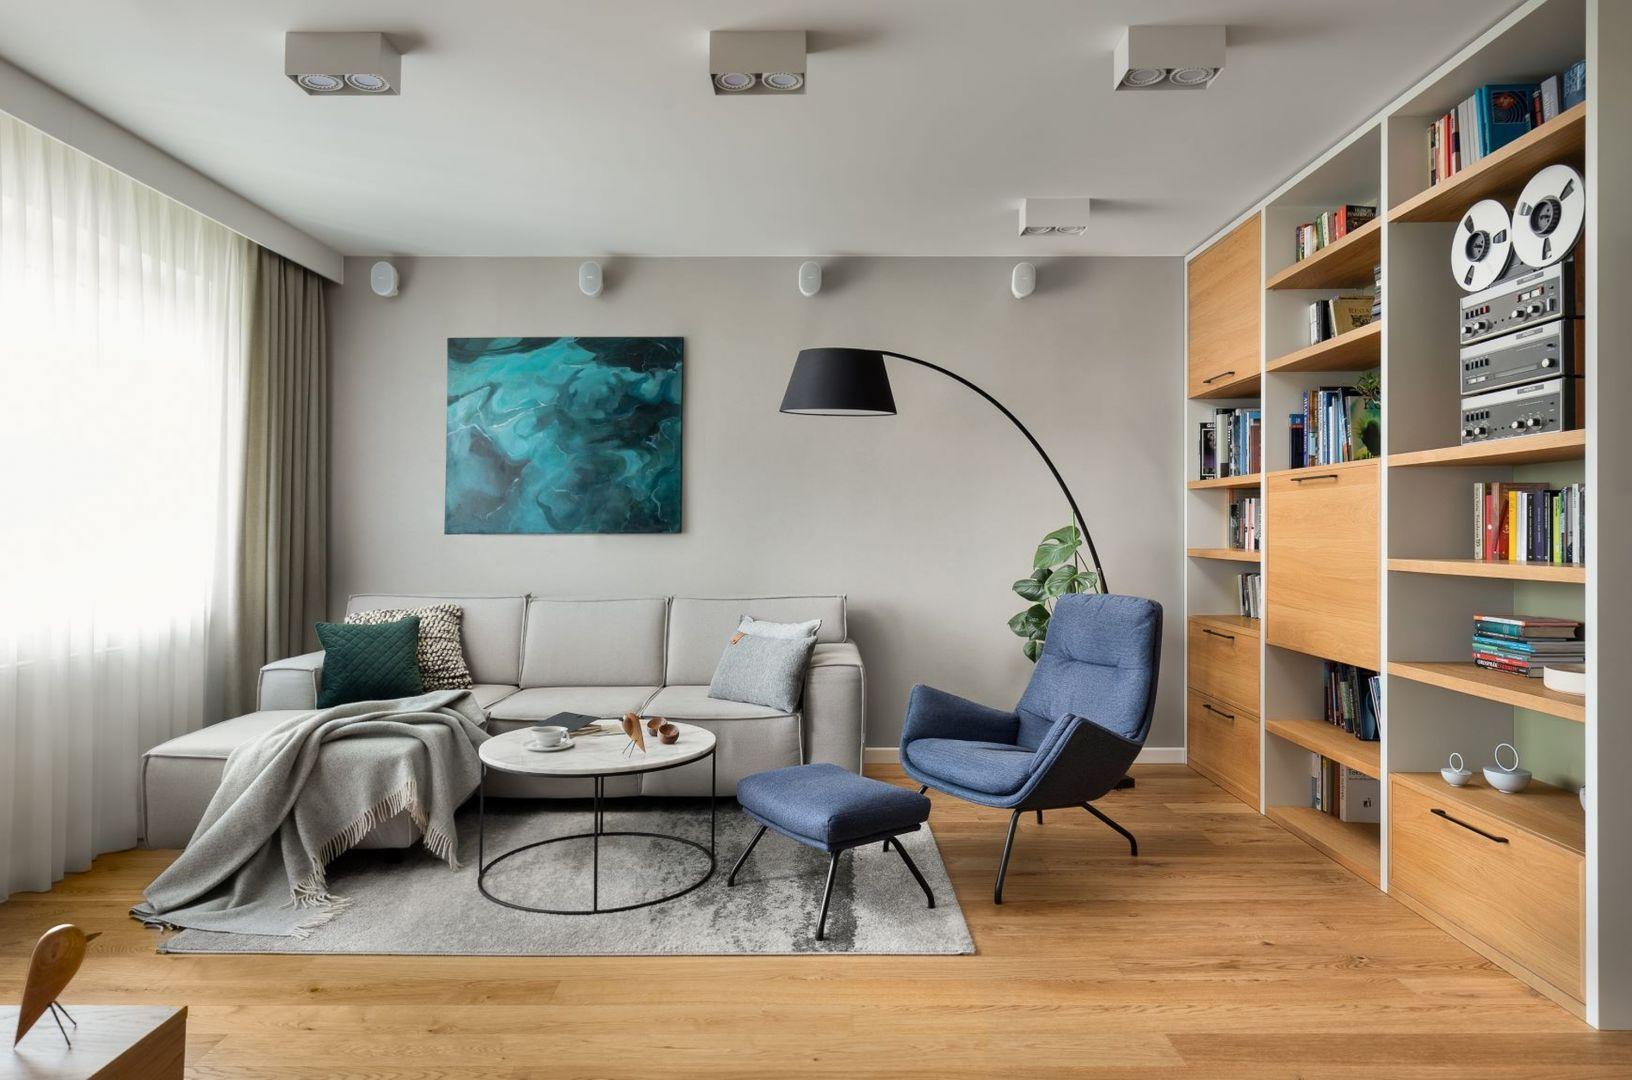 Duża, czarna stojąca lampa jest piękny elementem w salonie. Główne oświetlenie zamontowane zostało w suficie. Projekt: Ilona Paleńczuk z zespołem IP Design. Fot. Mikołaj Dąbrowski